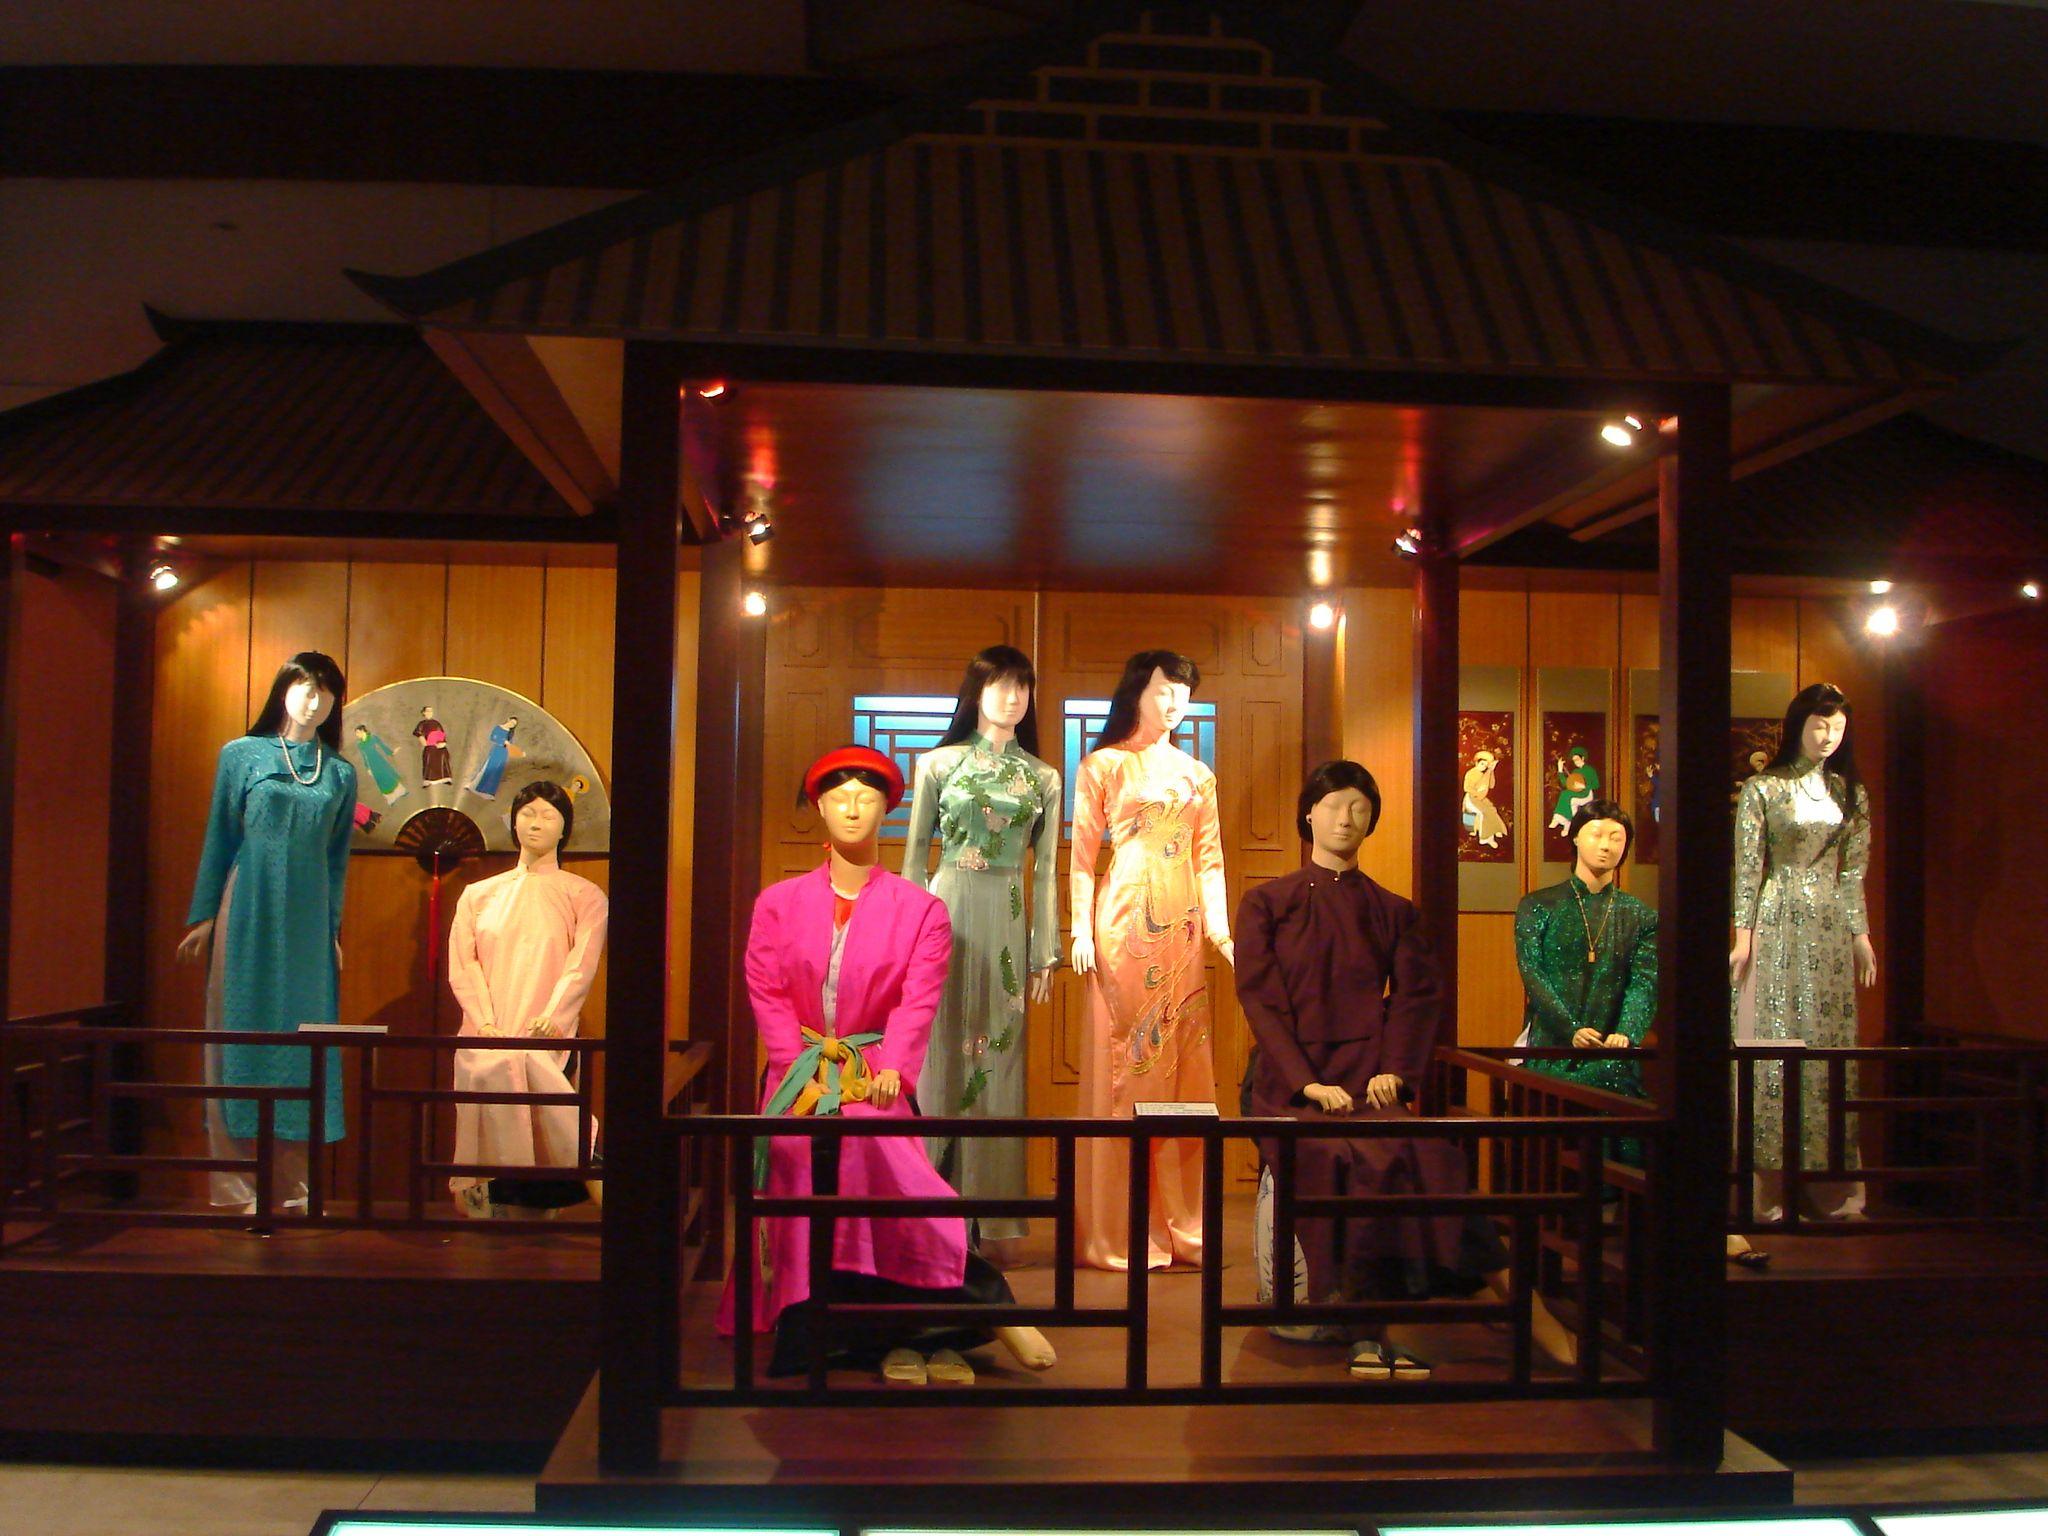 Đây còn là nơi lưu giữ trang phục của phụ nữ miền Nam. Hình: Sưu tầm